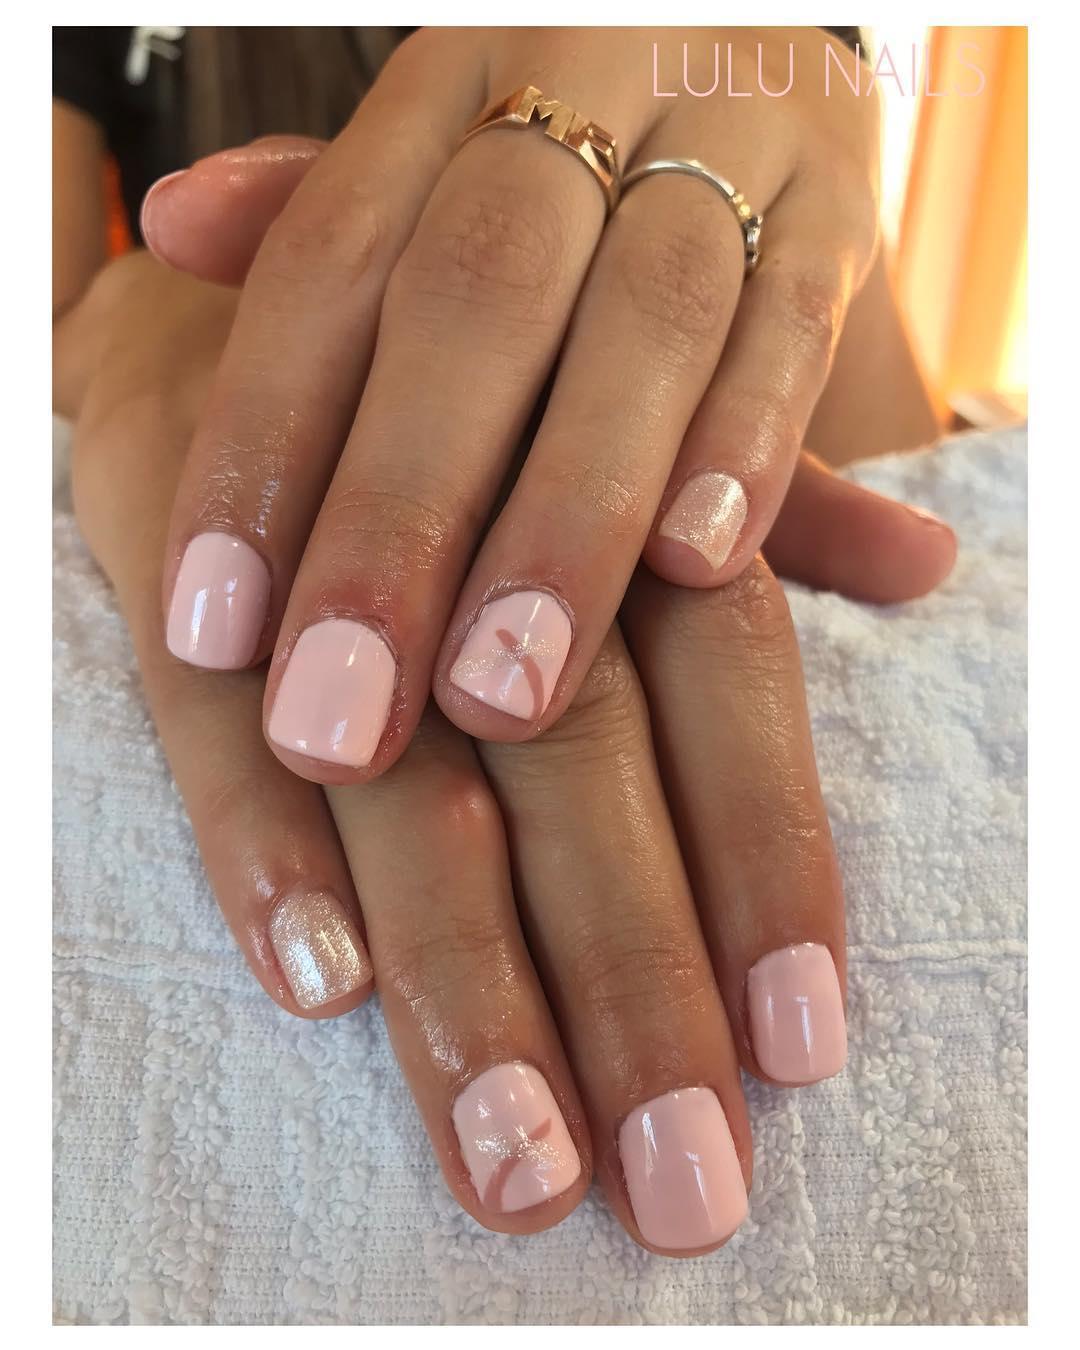 Hoje envidraçada semi-permanente + beleza de mãos para @florcristofoli com uma colo ...